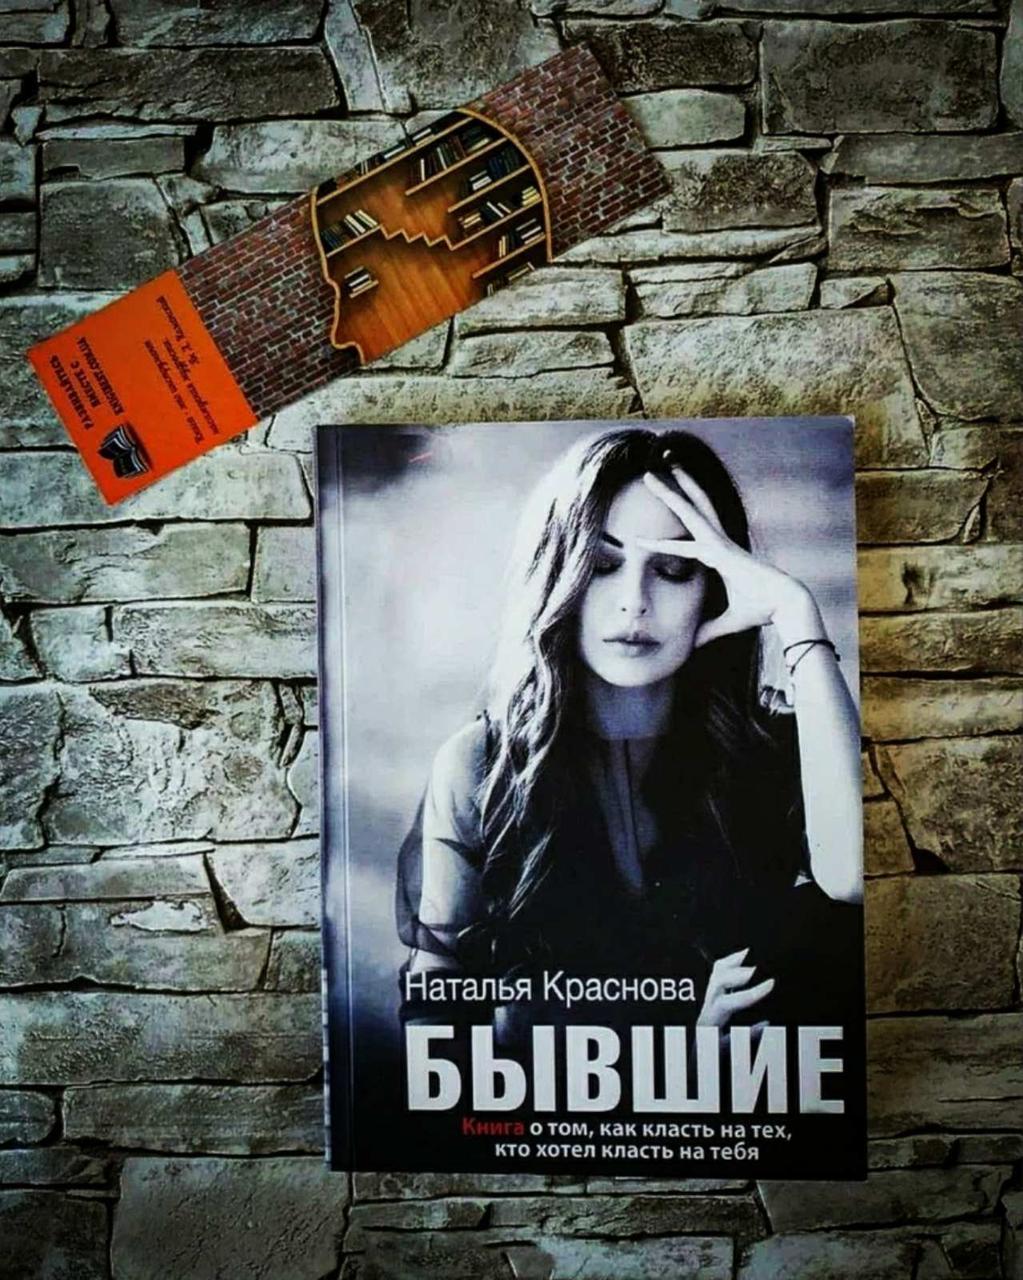 """Книга """"Бывшие"""" Книга о том, как класть на тех, кто хотел класть на тебя. Наталья Краснова"""